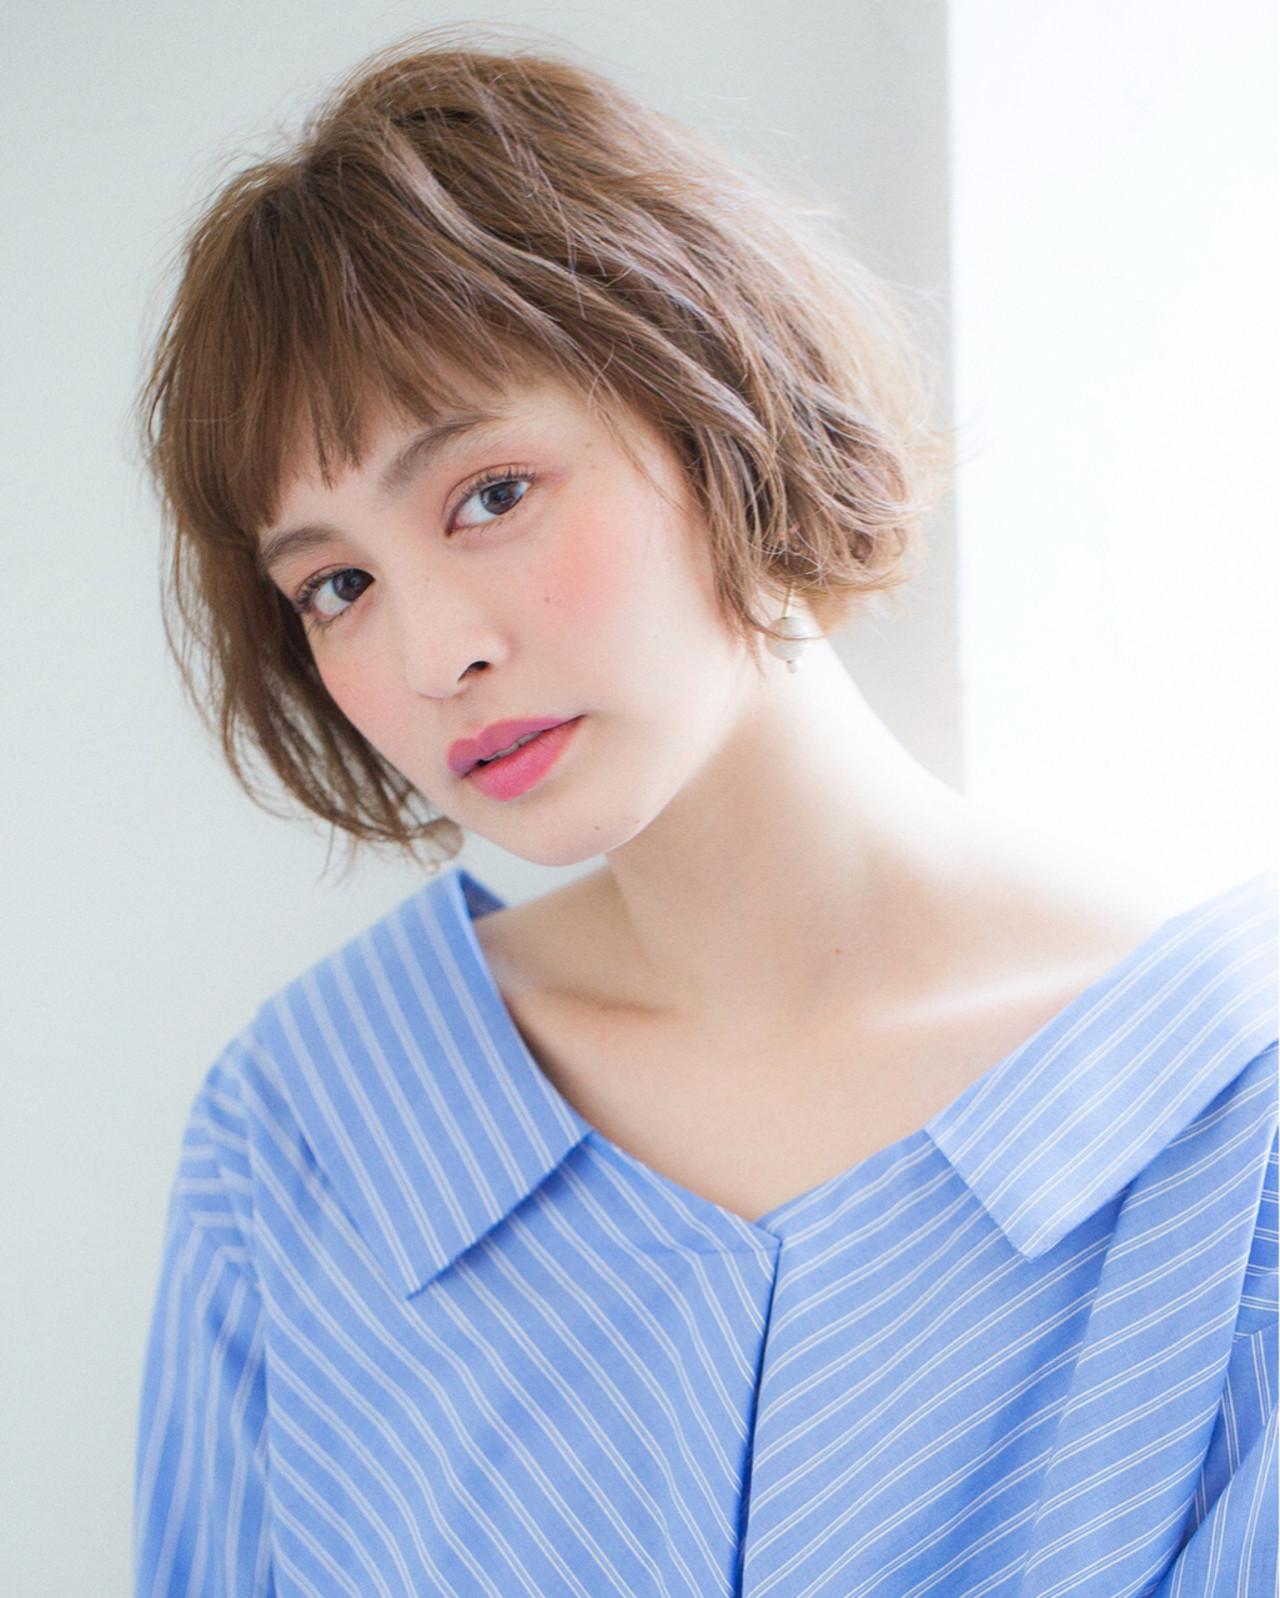 前髪あり インナーカラー パーマ ボブ ヘアスタイルや髪型の写真・画像 | 赤井希望 / joemibyUnami